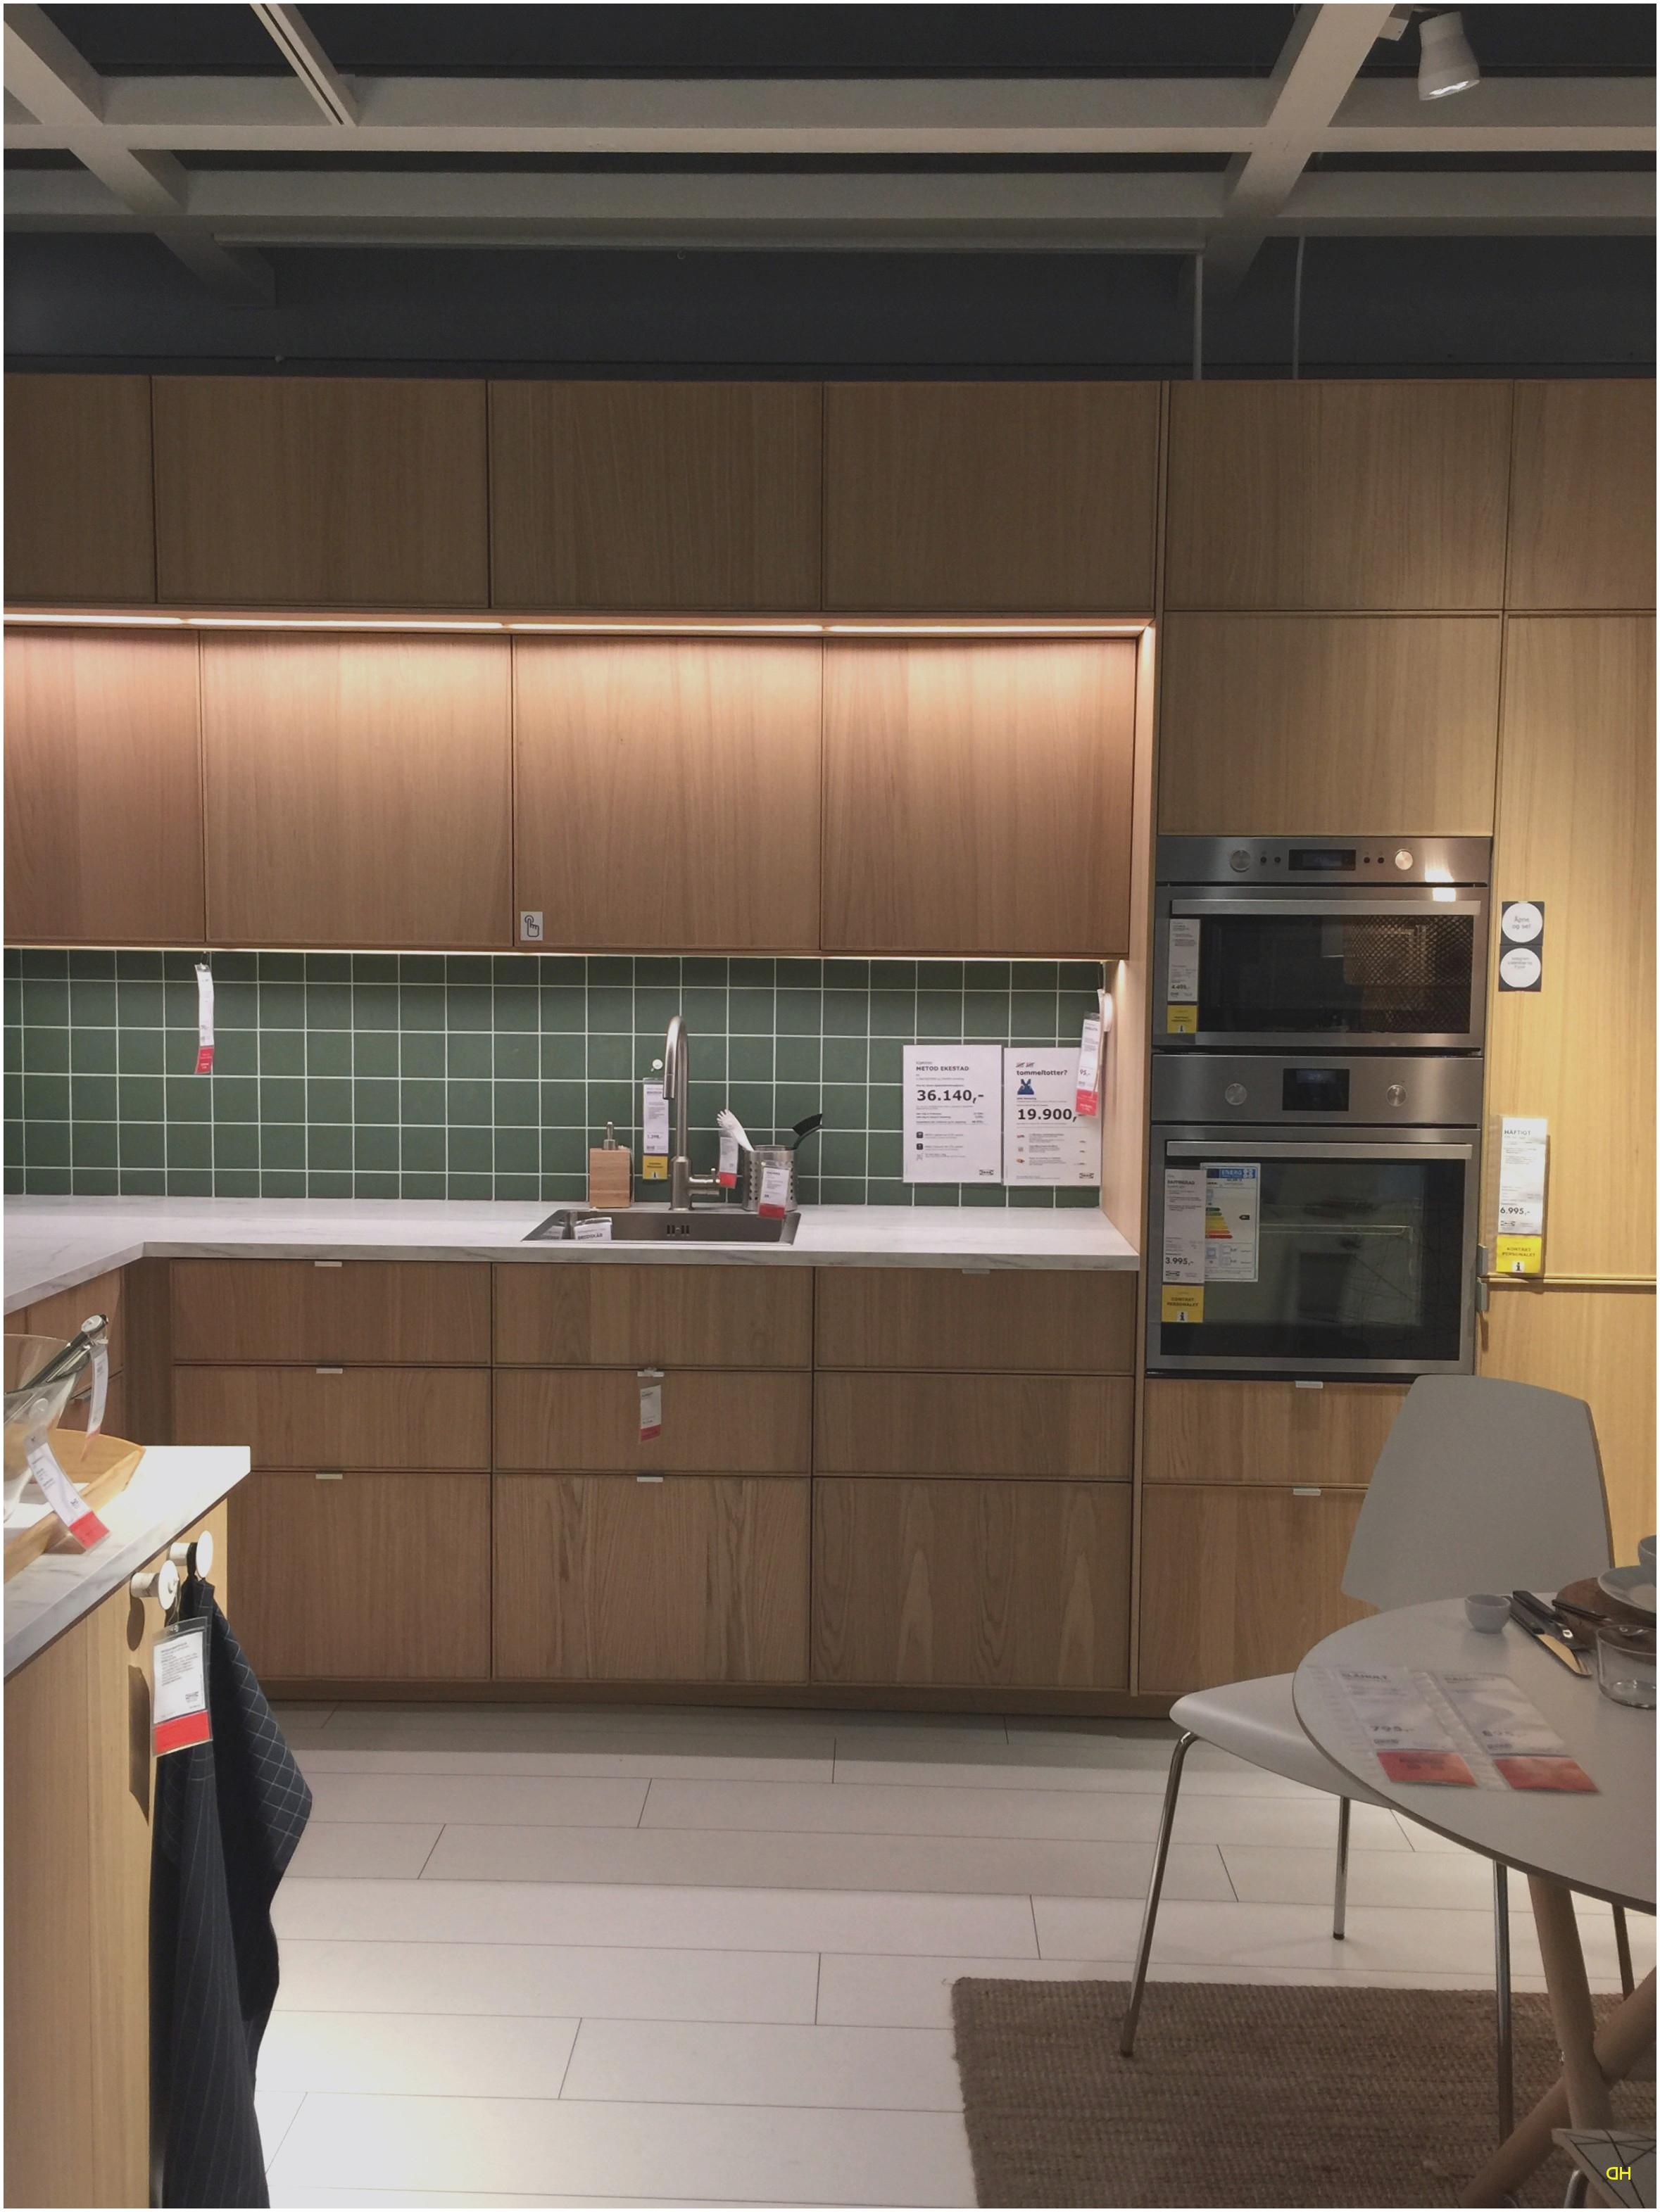 Tapis Evier Ikea Élégant Image Tapis Evier Ikea Frais Luxe Evier De Cuisine Ikea Idées Et Cuisine